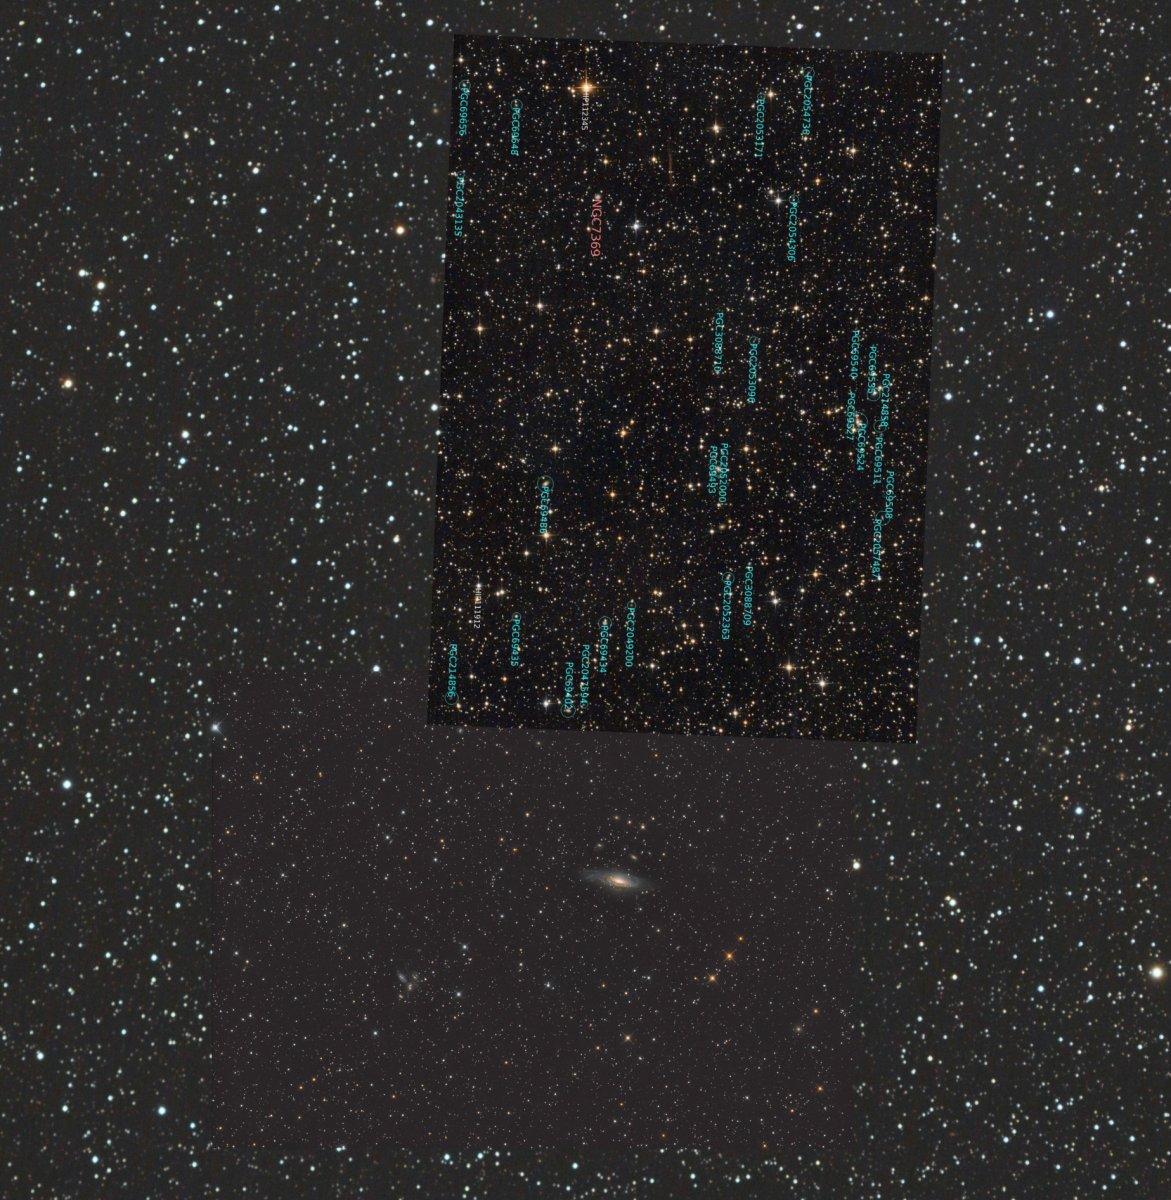 NGC7331_pmneodoc_crop.jpg